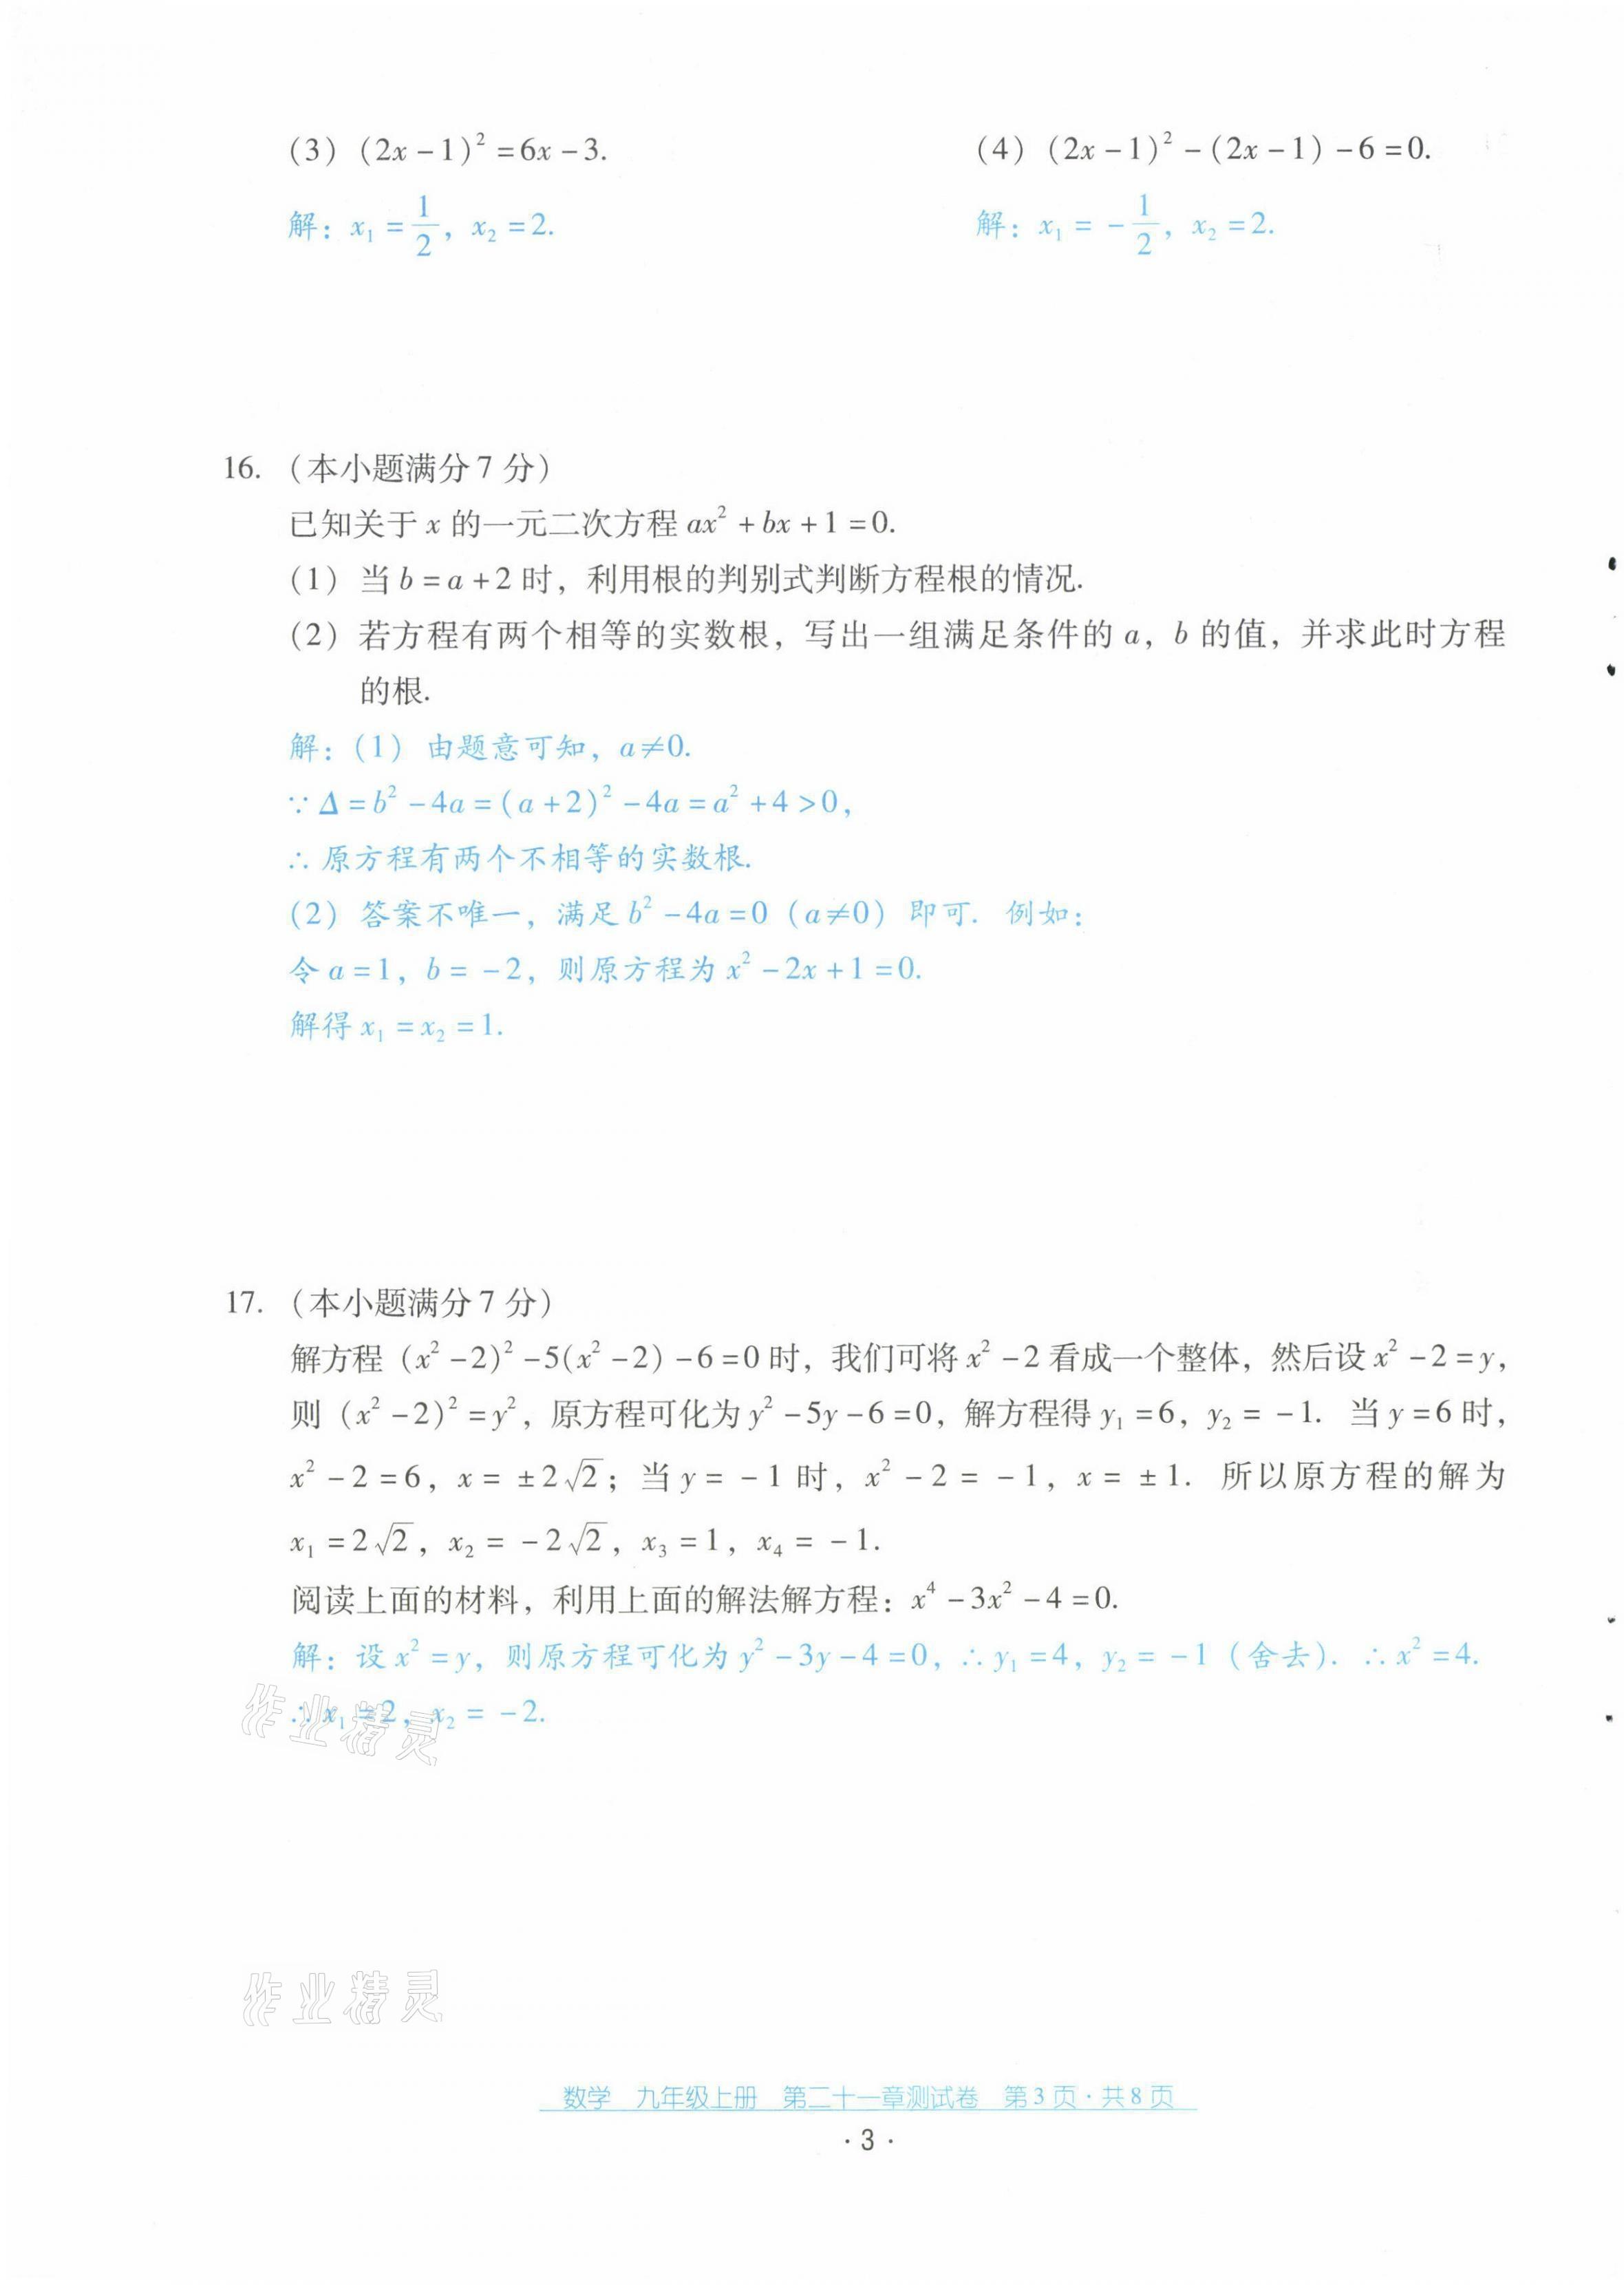 2021年云南省标准教辅优佳学案配套测试卷九年级数学上册人教版第3页